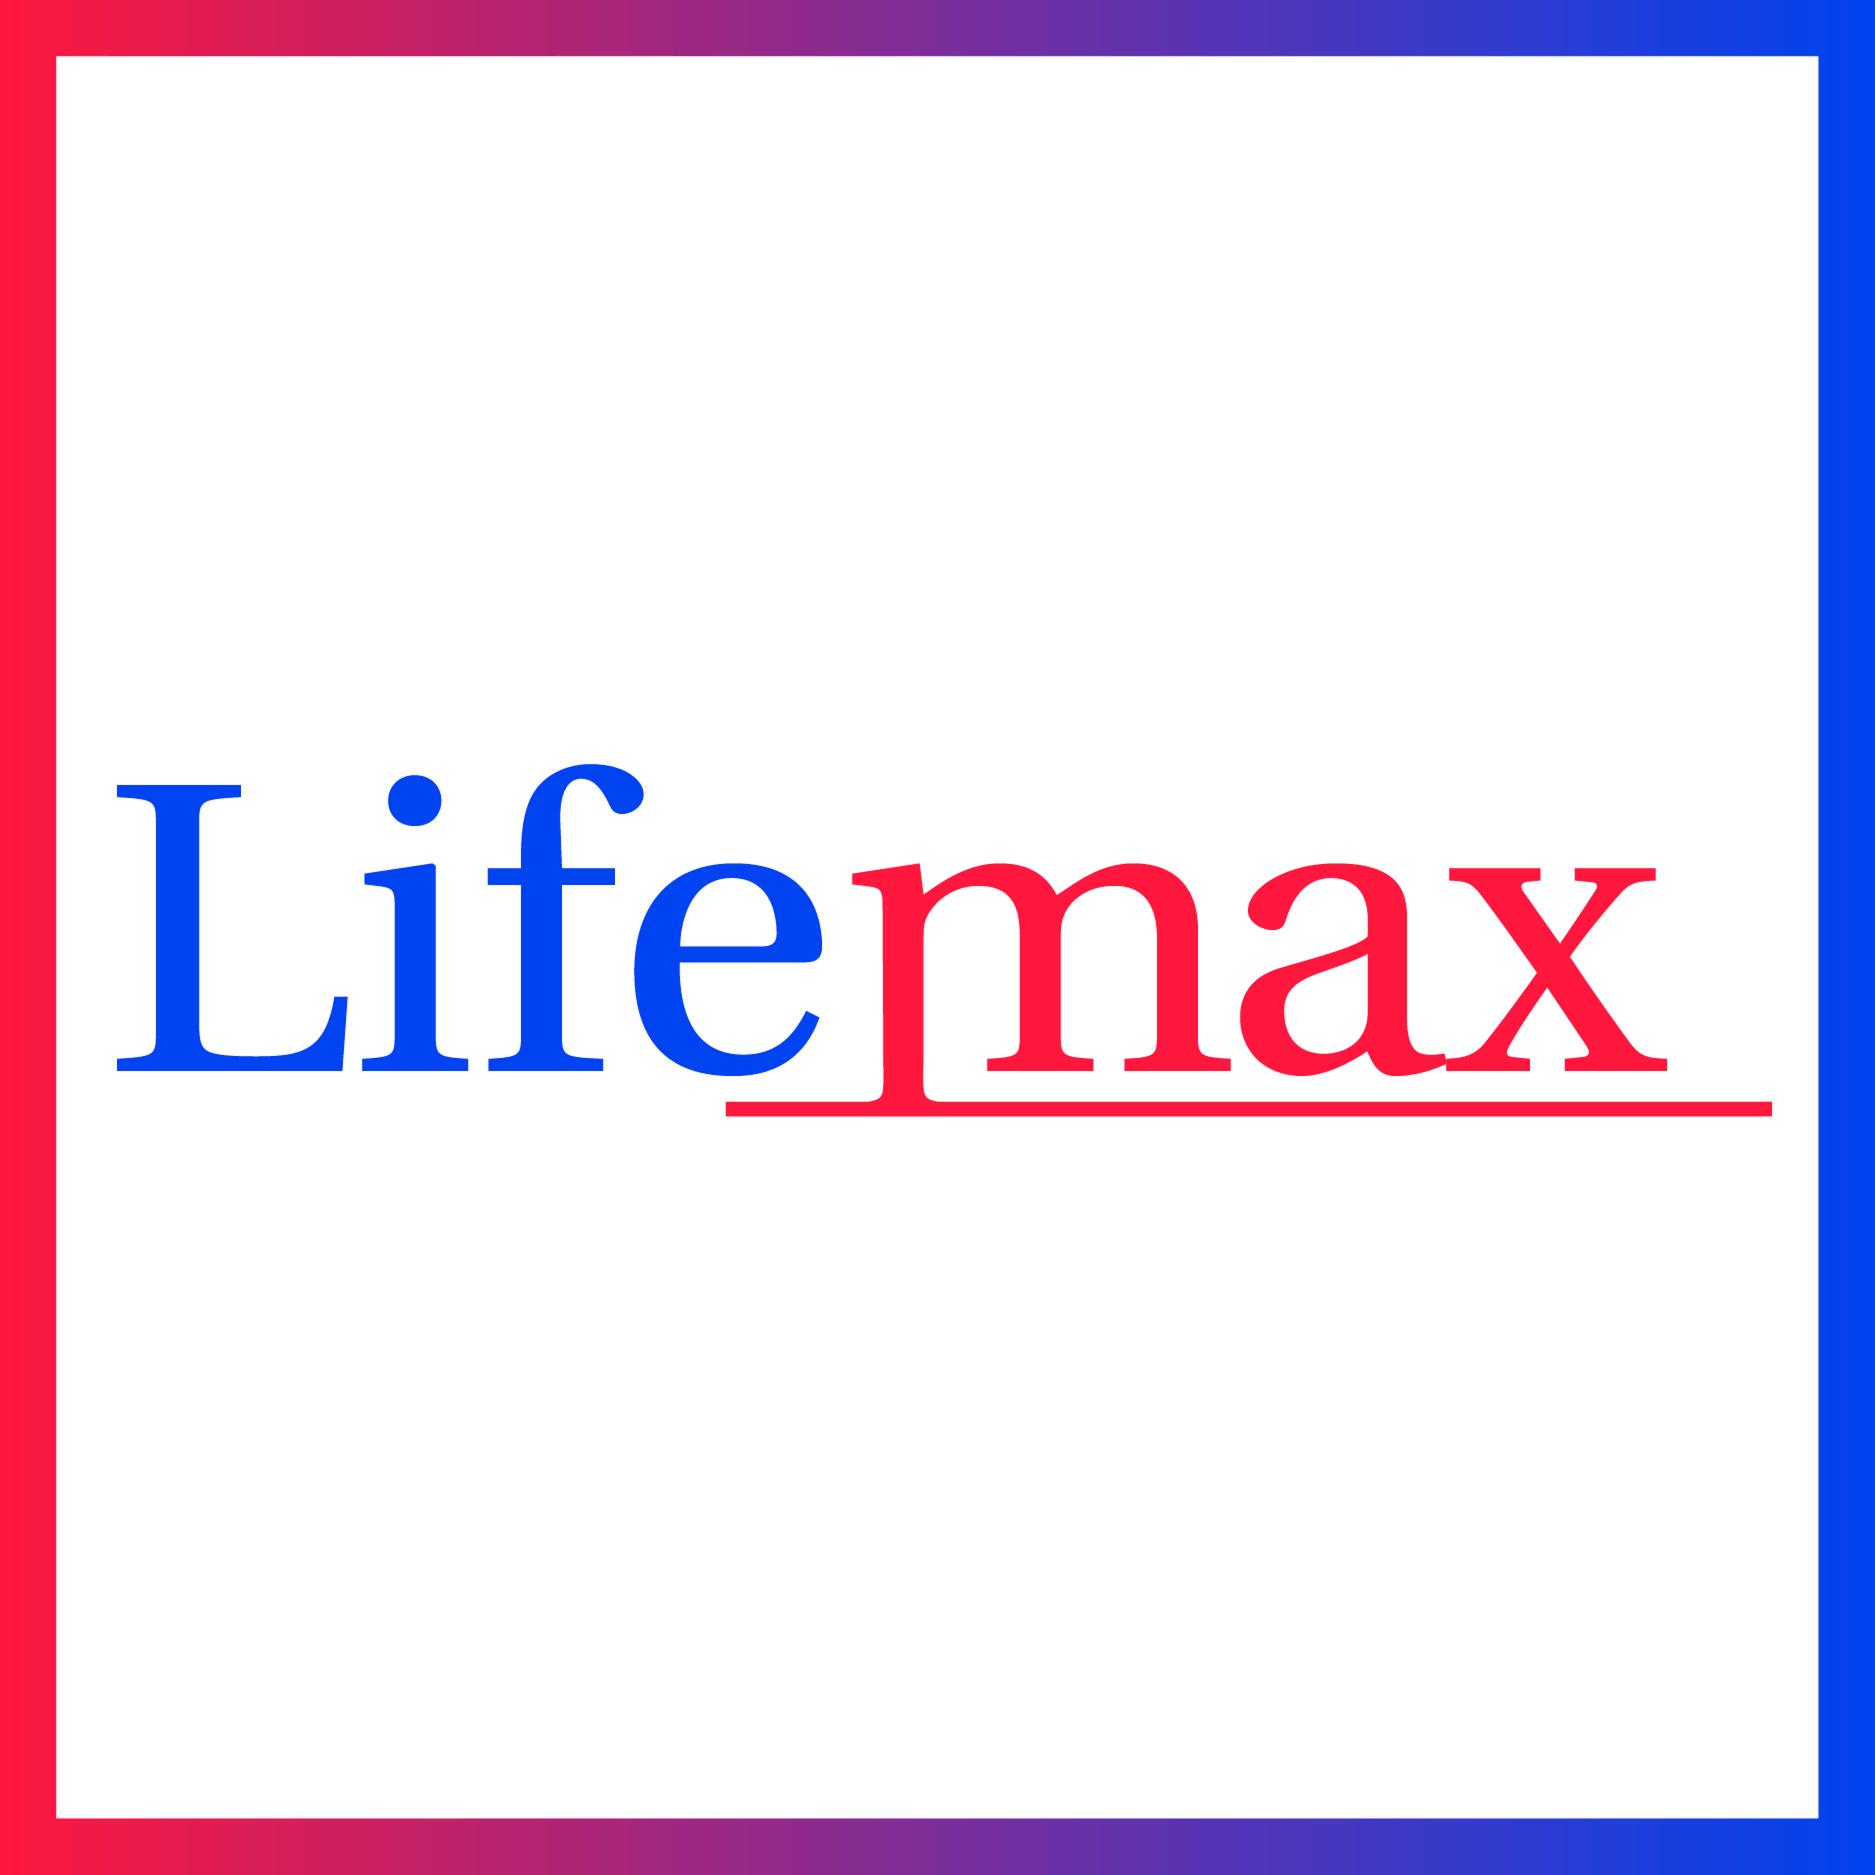 Lifemax Ltd